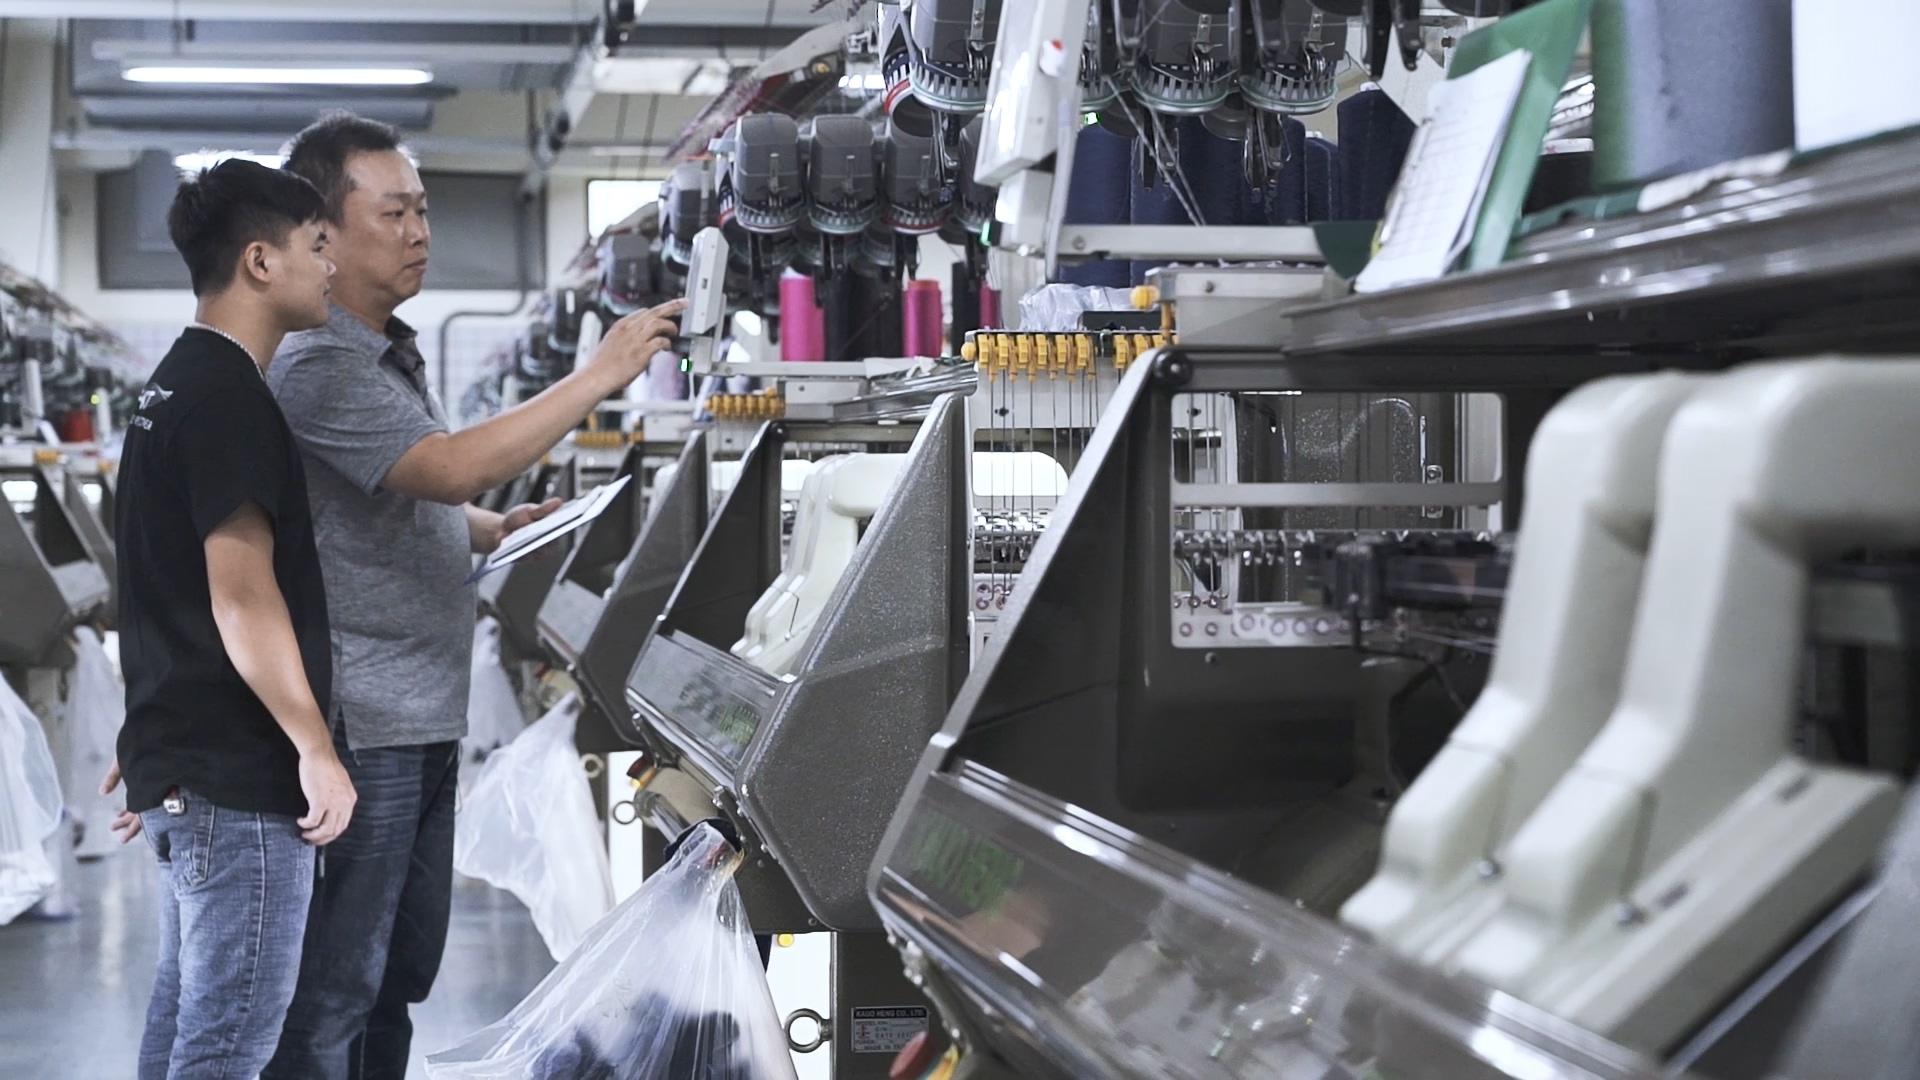 何尚傑正在操作製作編織鞋的編織機